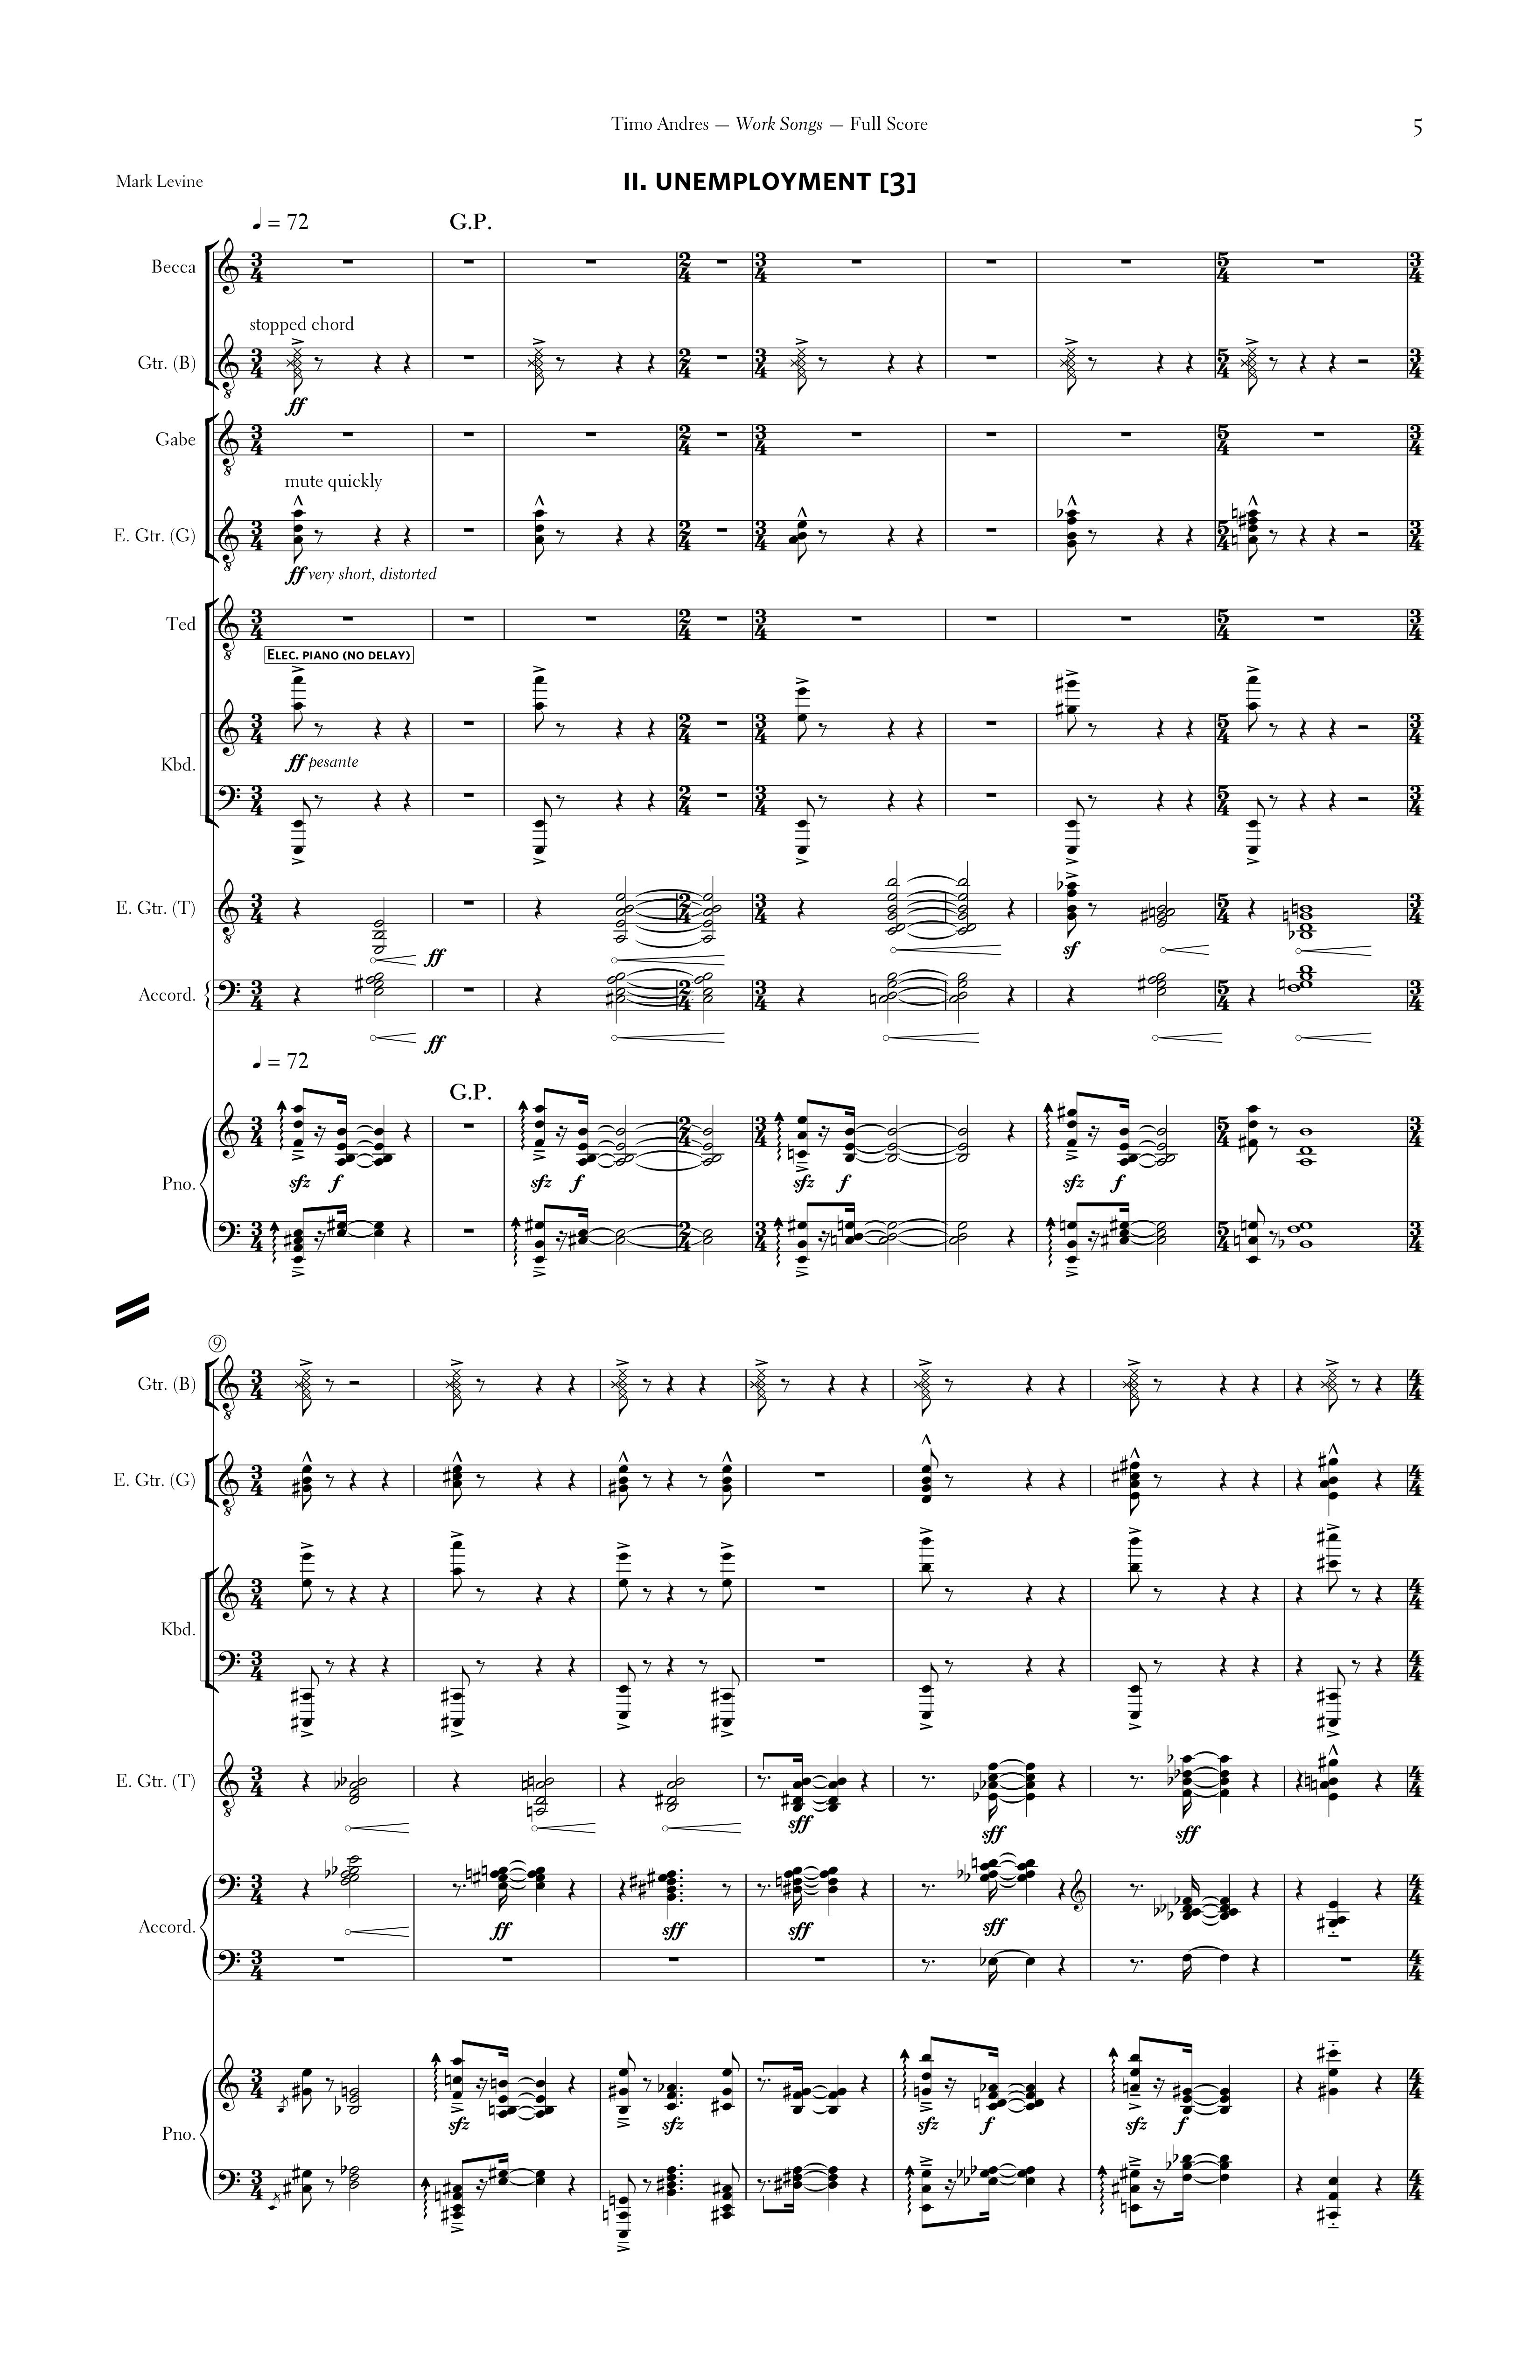 Work Songs, p. 2